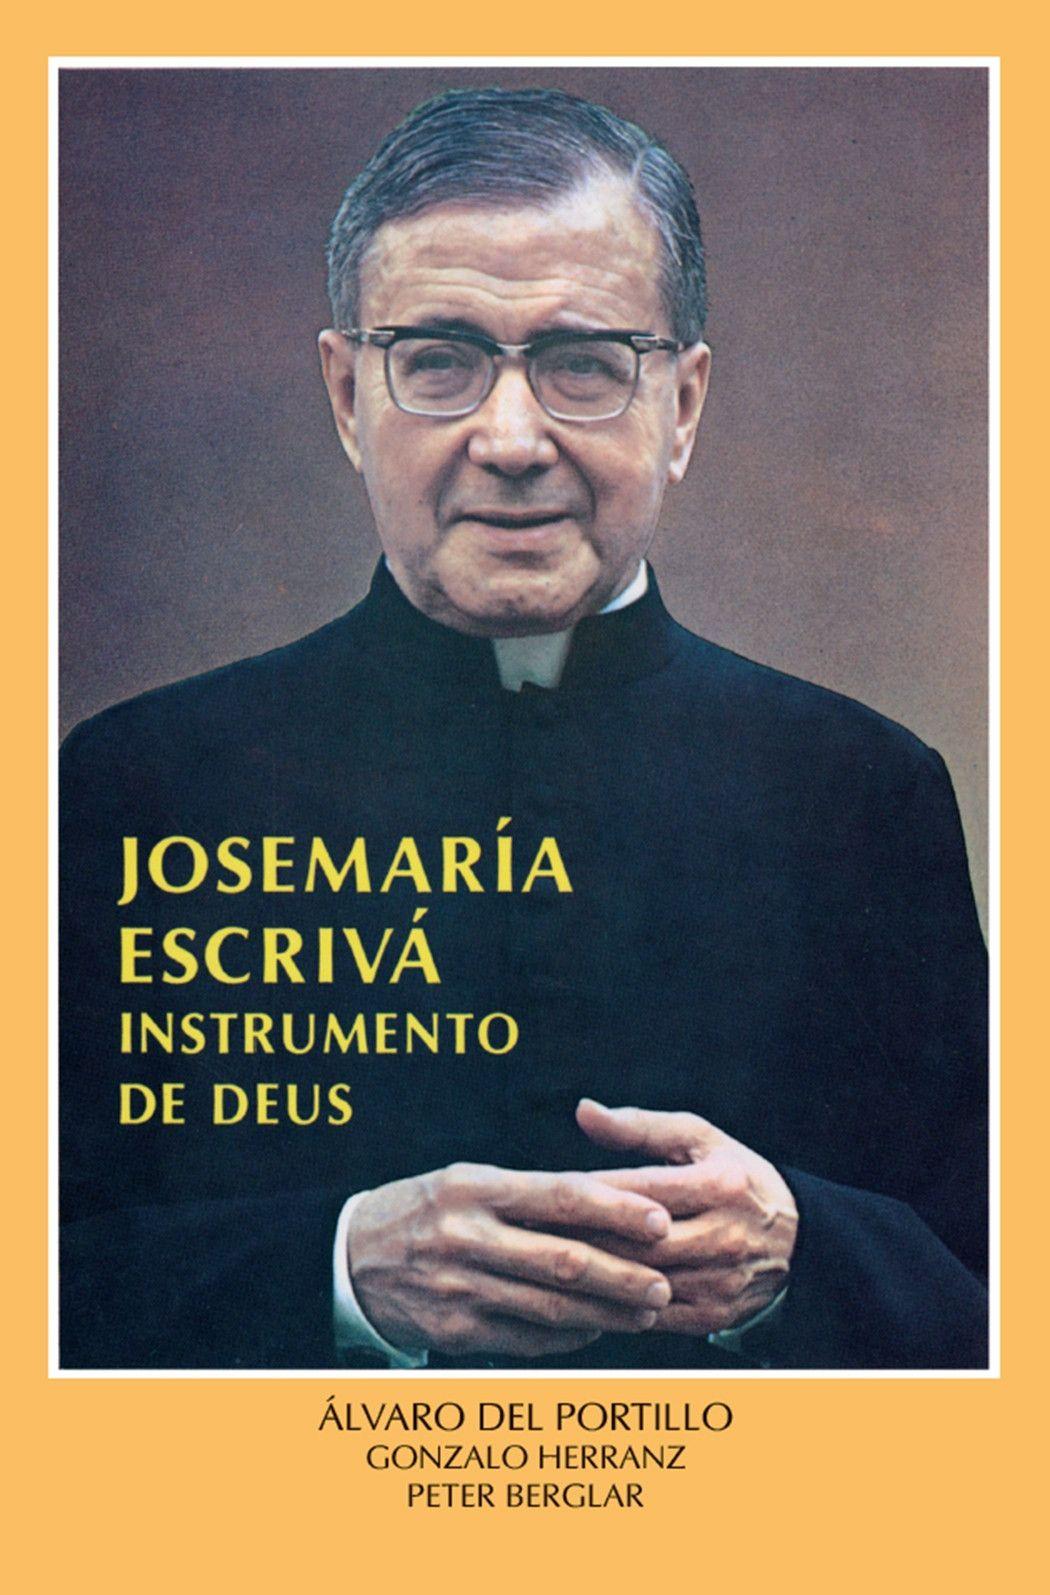 Instrumento de Deus: Josemaria Escrivá